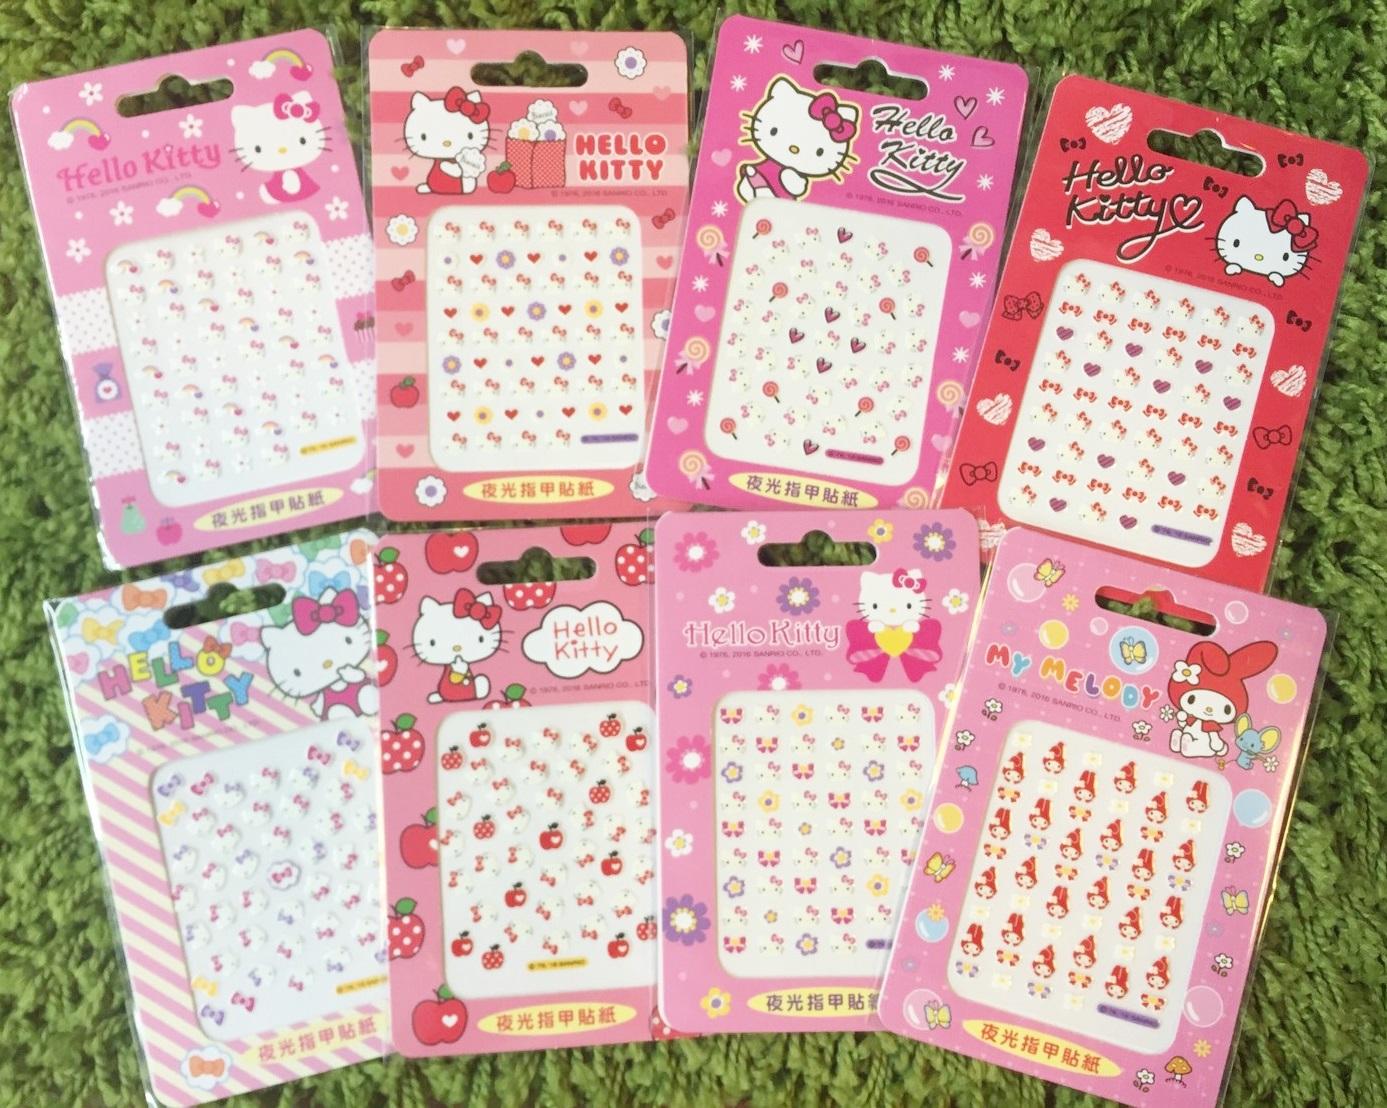 【真愛日本】10122000001 二代夜光指甲貼-多款(2入) 三麗鷗 Hello Kitty 凱蒂貓 美甲貼 造型貼 正品